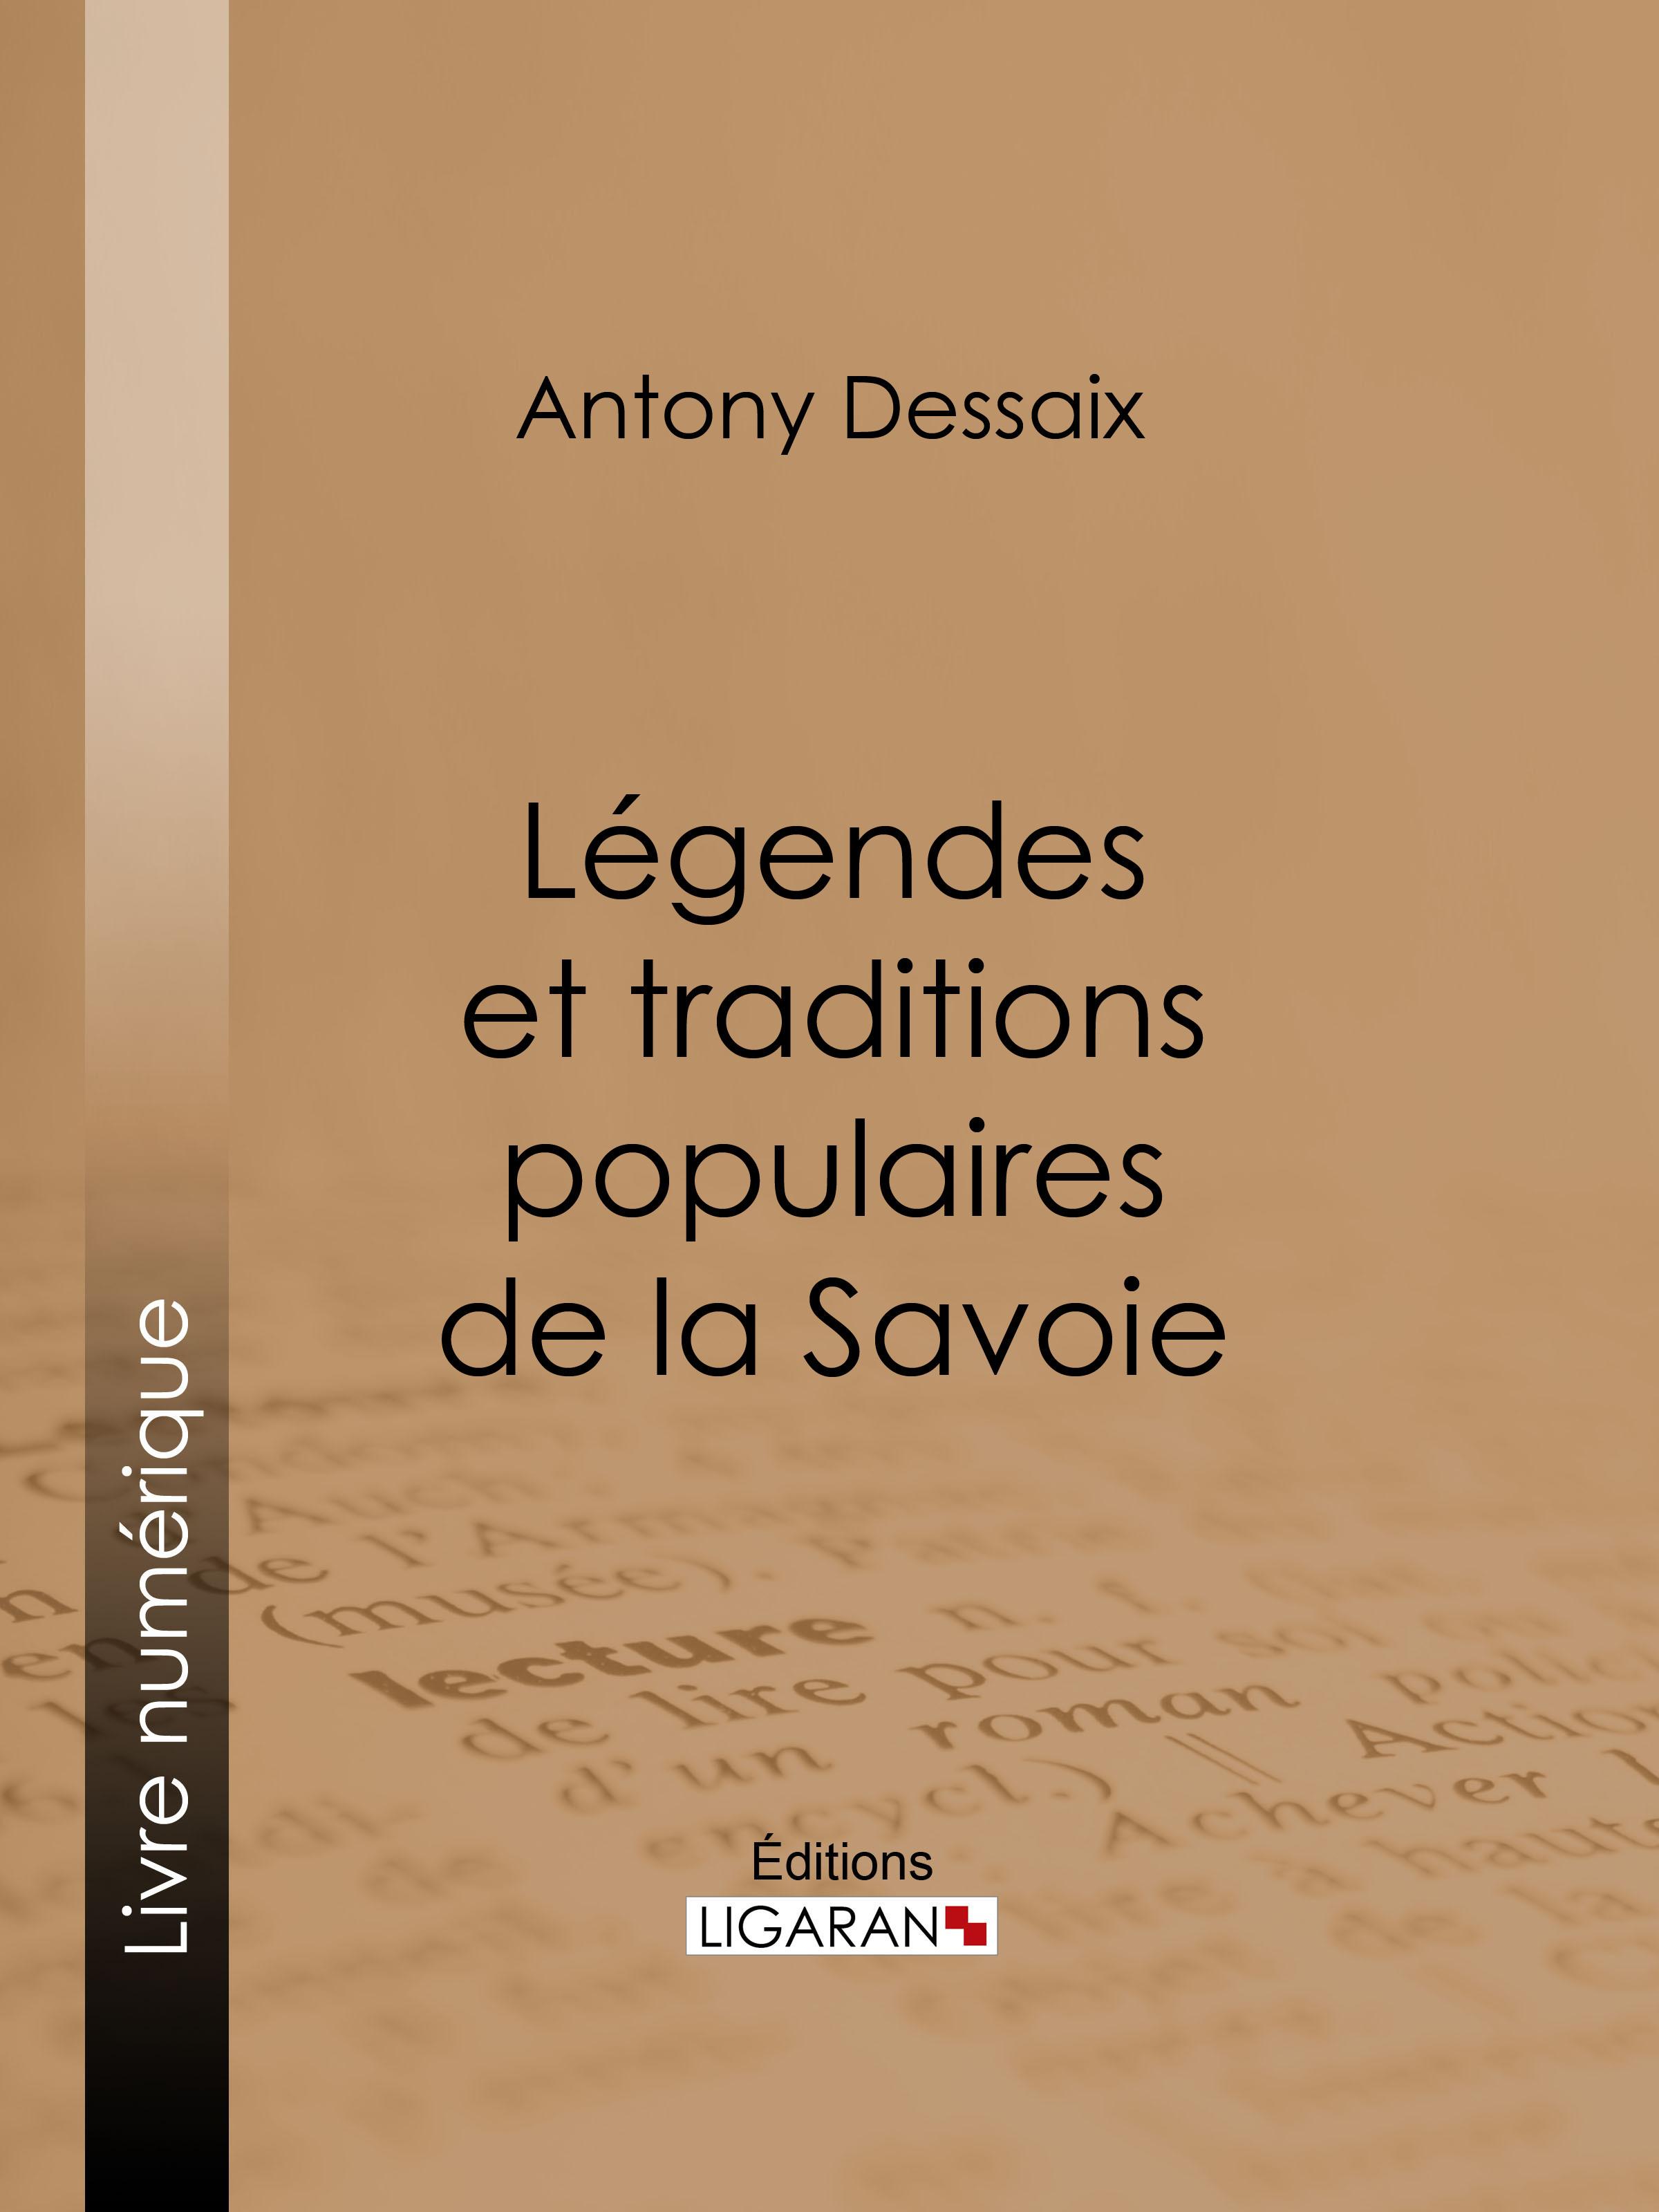 Légendes et traditions populaires de la Savoie